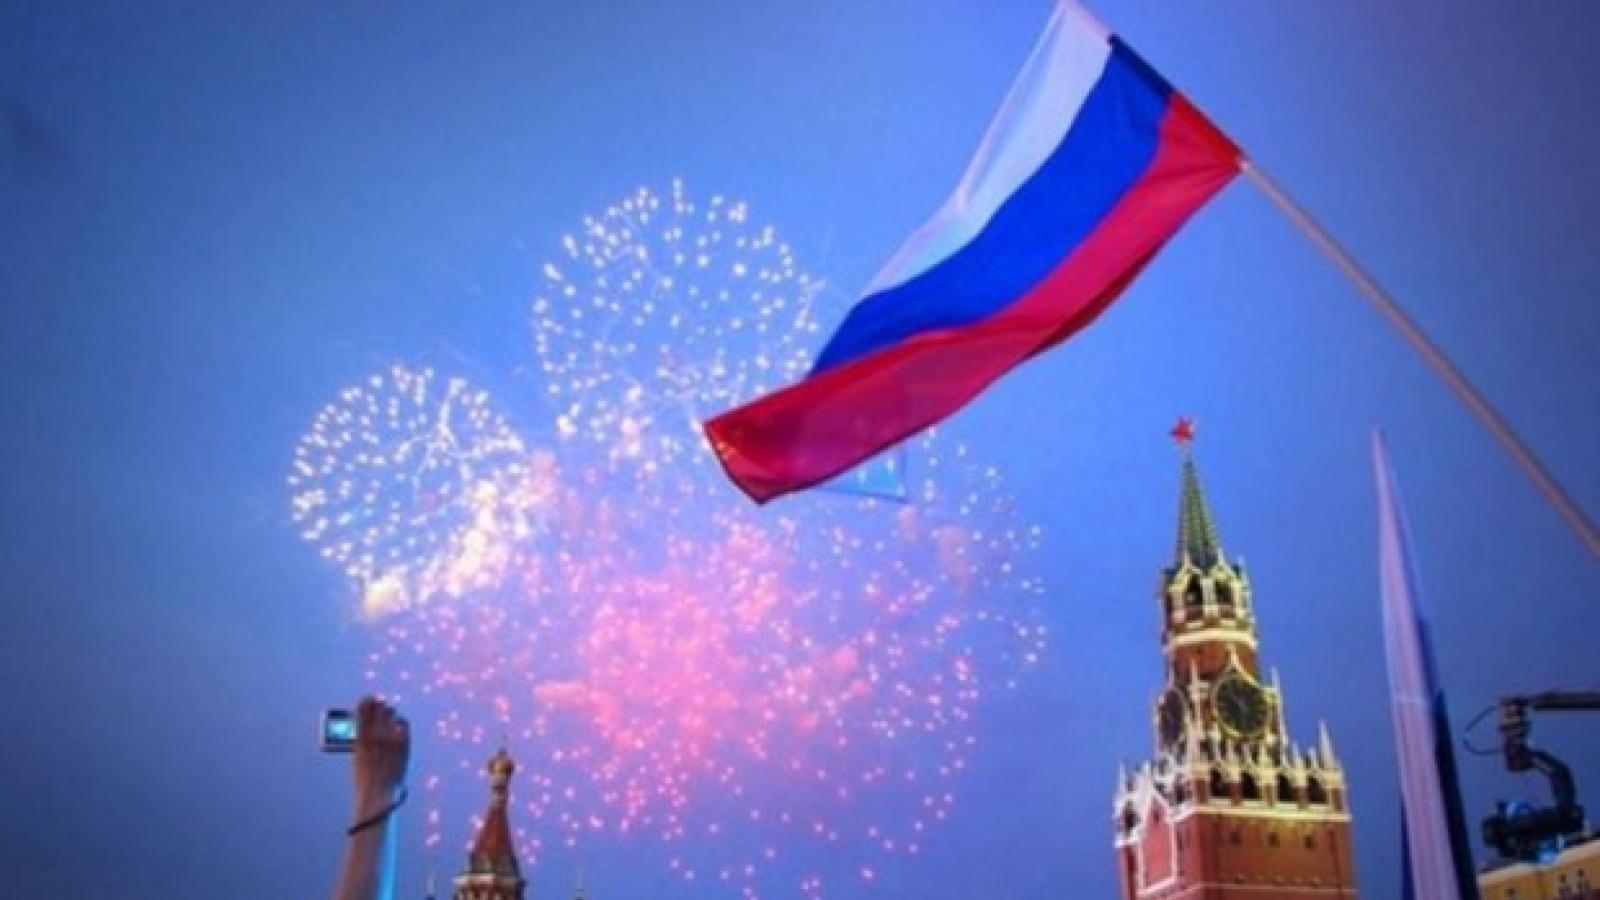 Lãnh đạo Việt Nam gửi điện mừng Quốc khánh Liên bang Nga